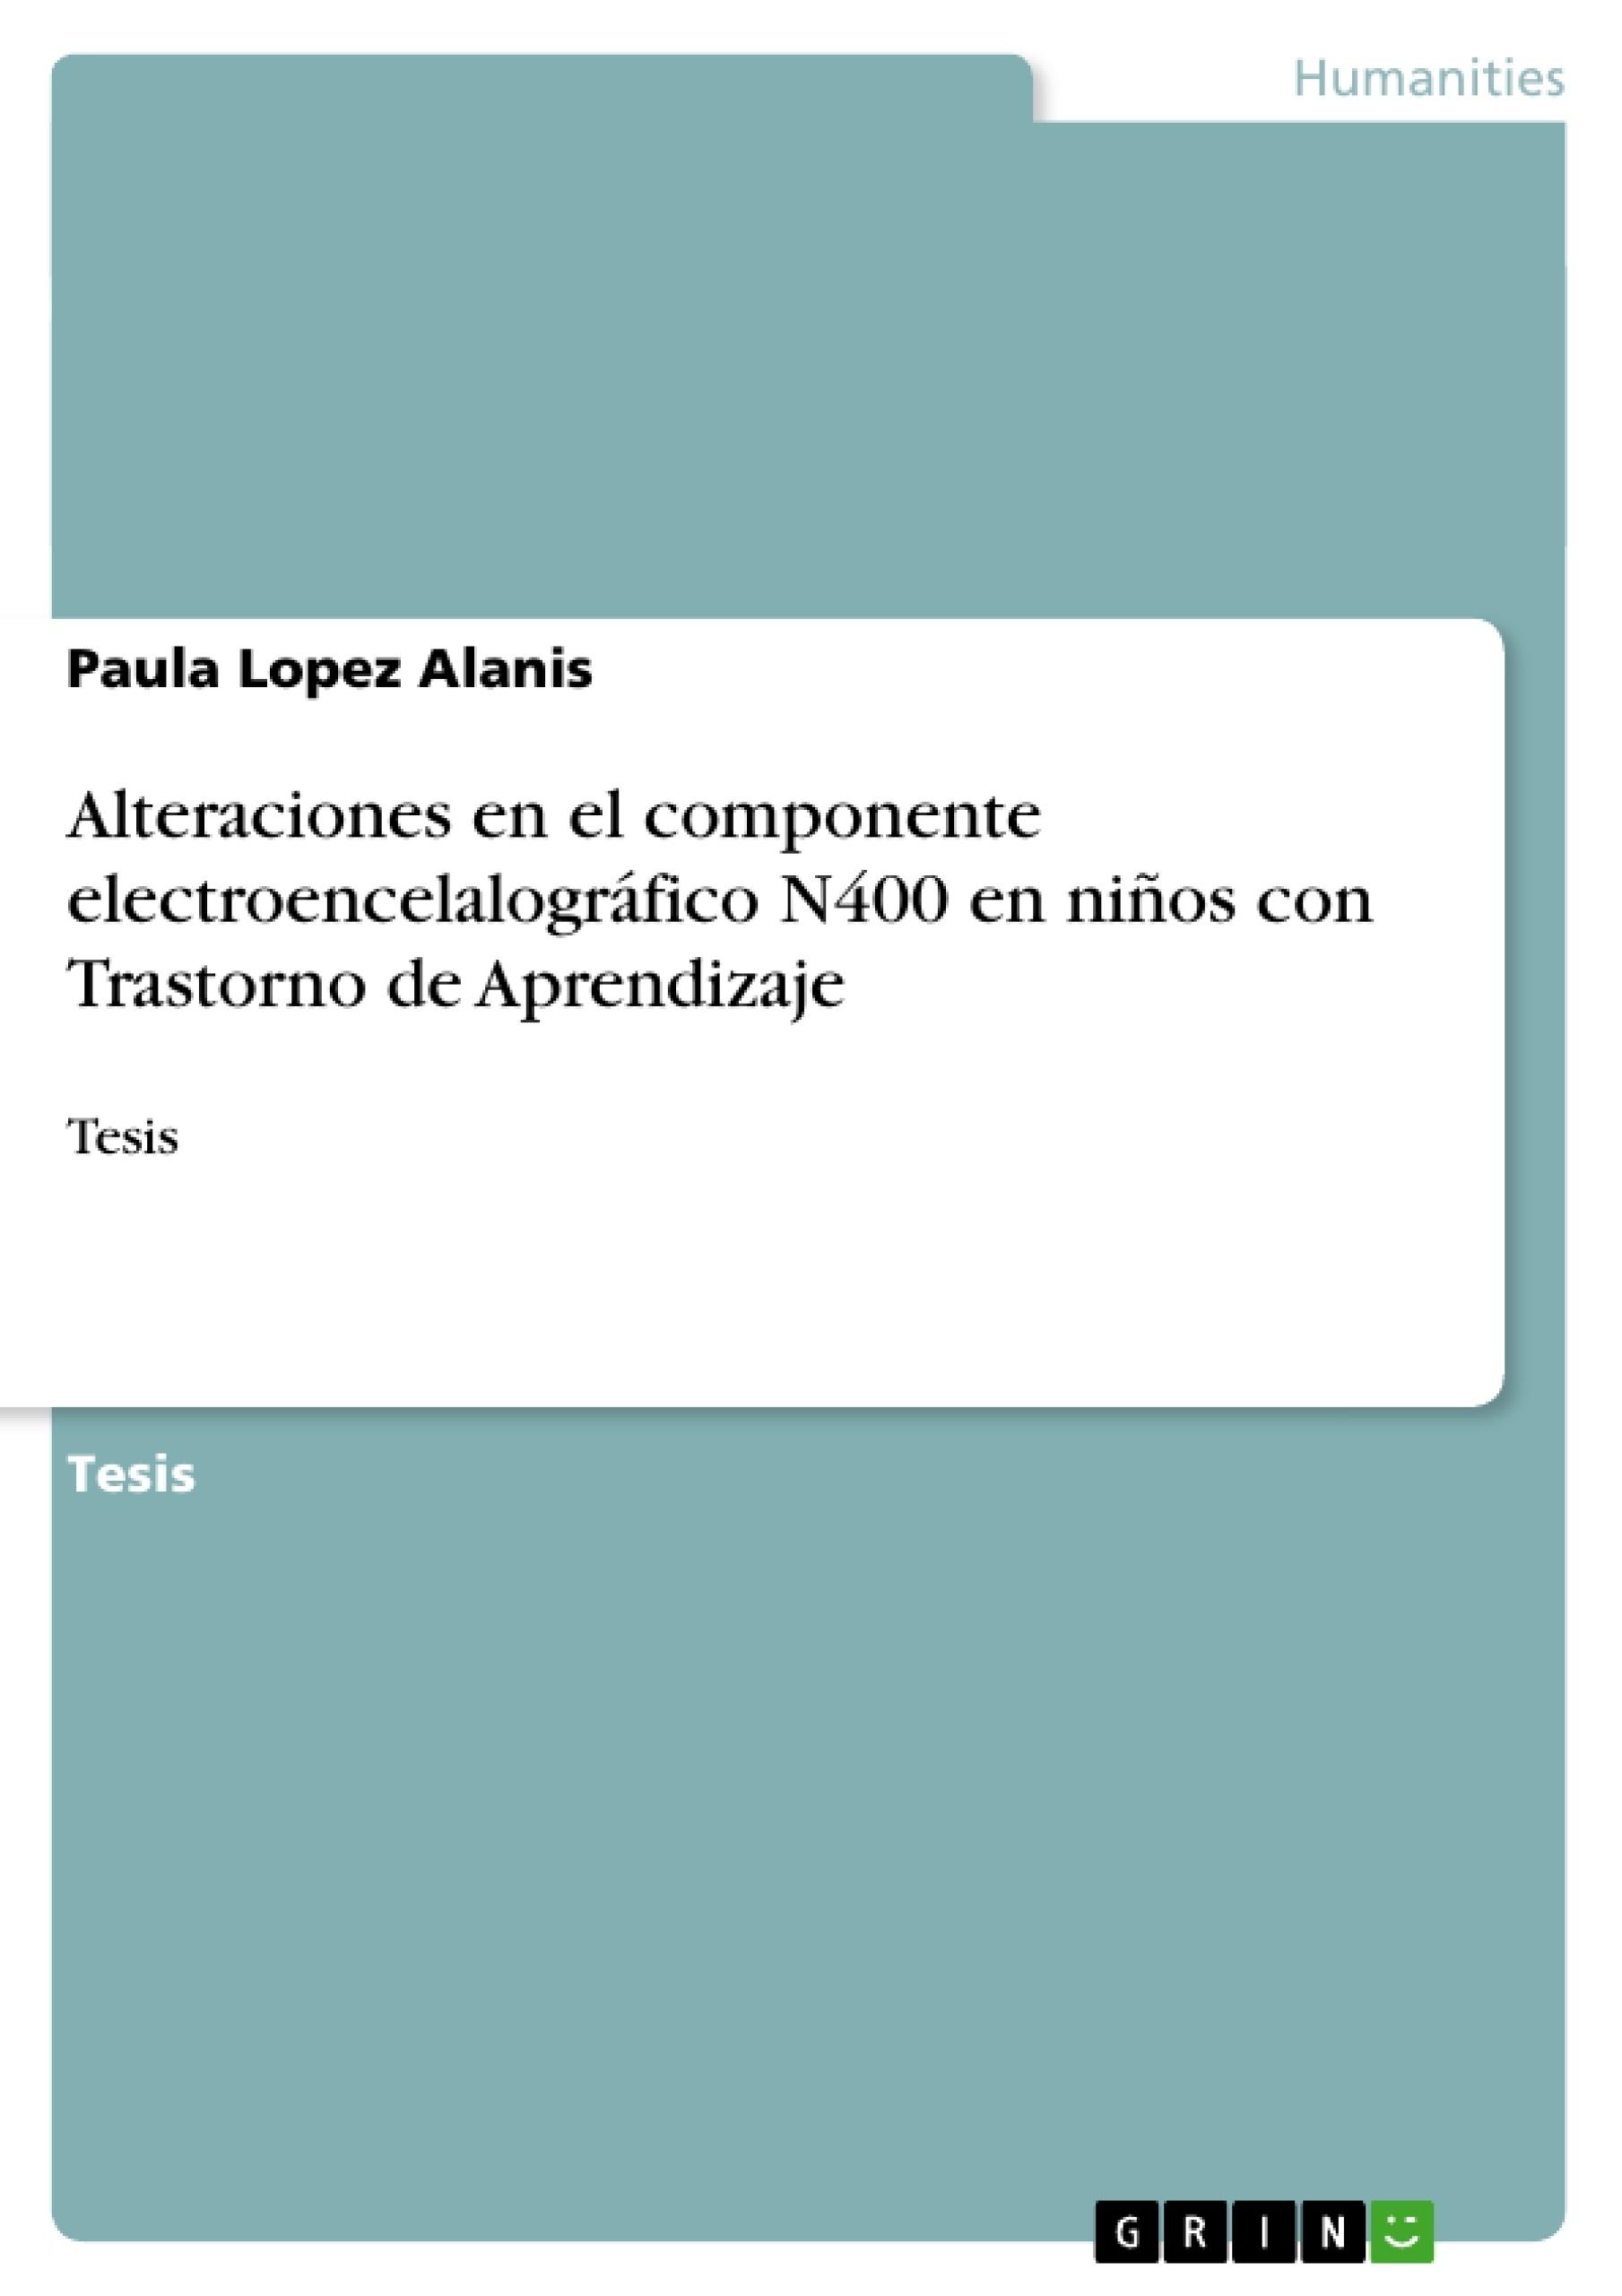 Título: Alteraciones en el componente electroencelalográfico N400 en niños con Trastorno de Aprendizaje